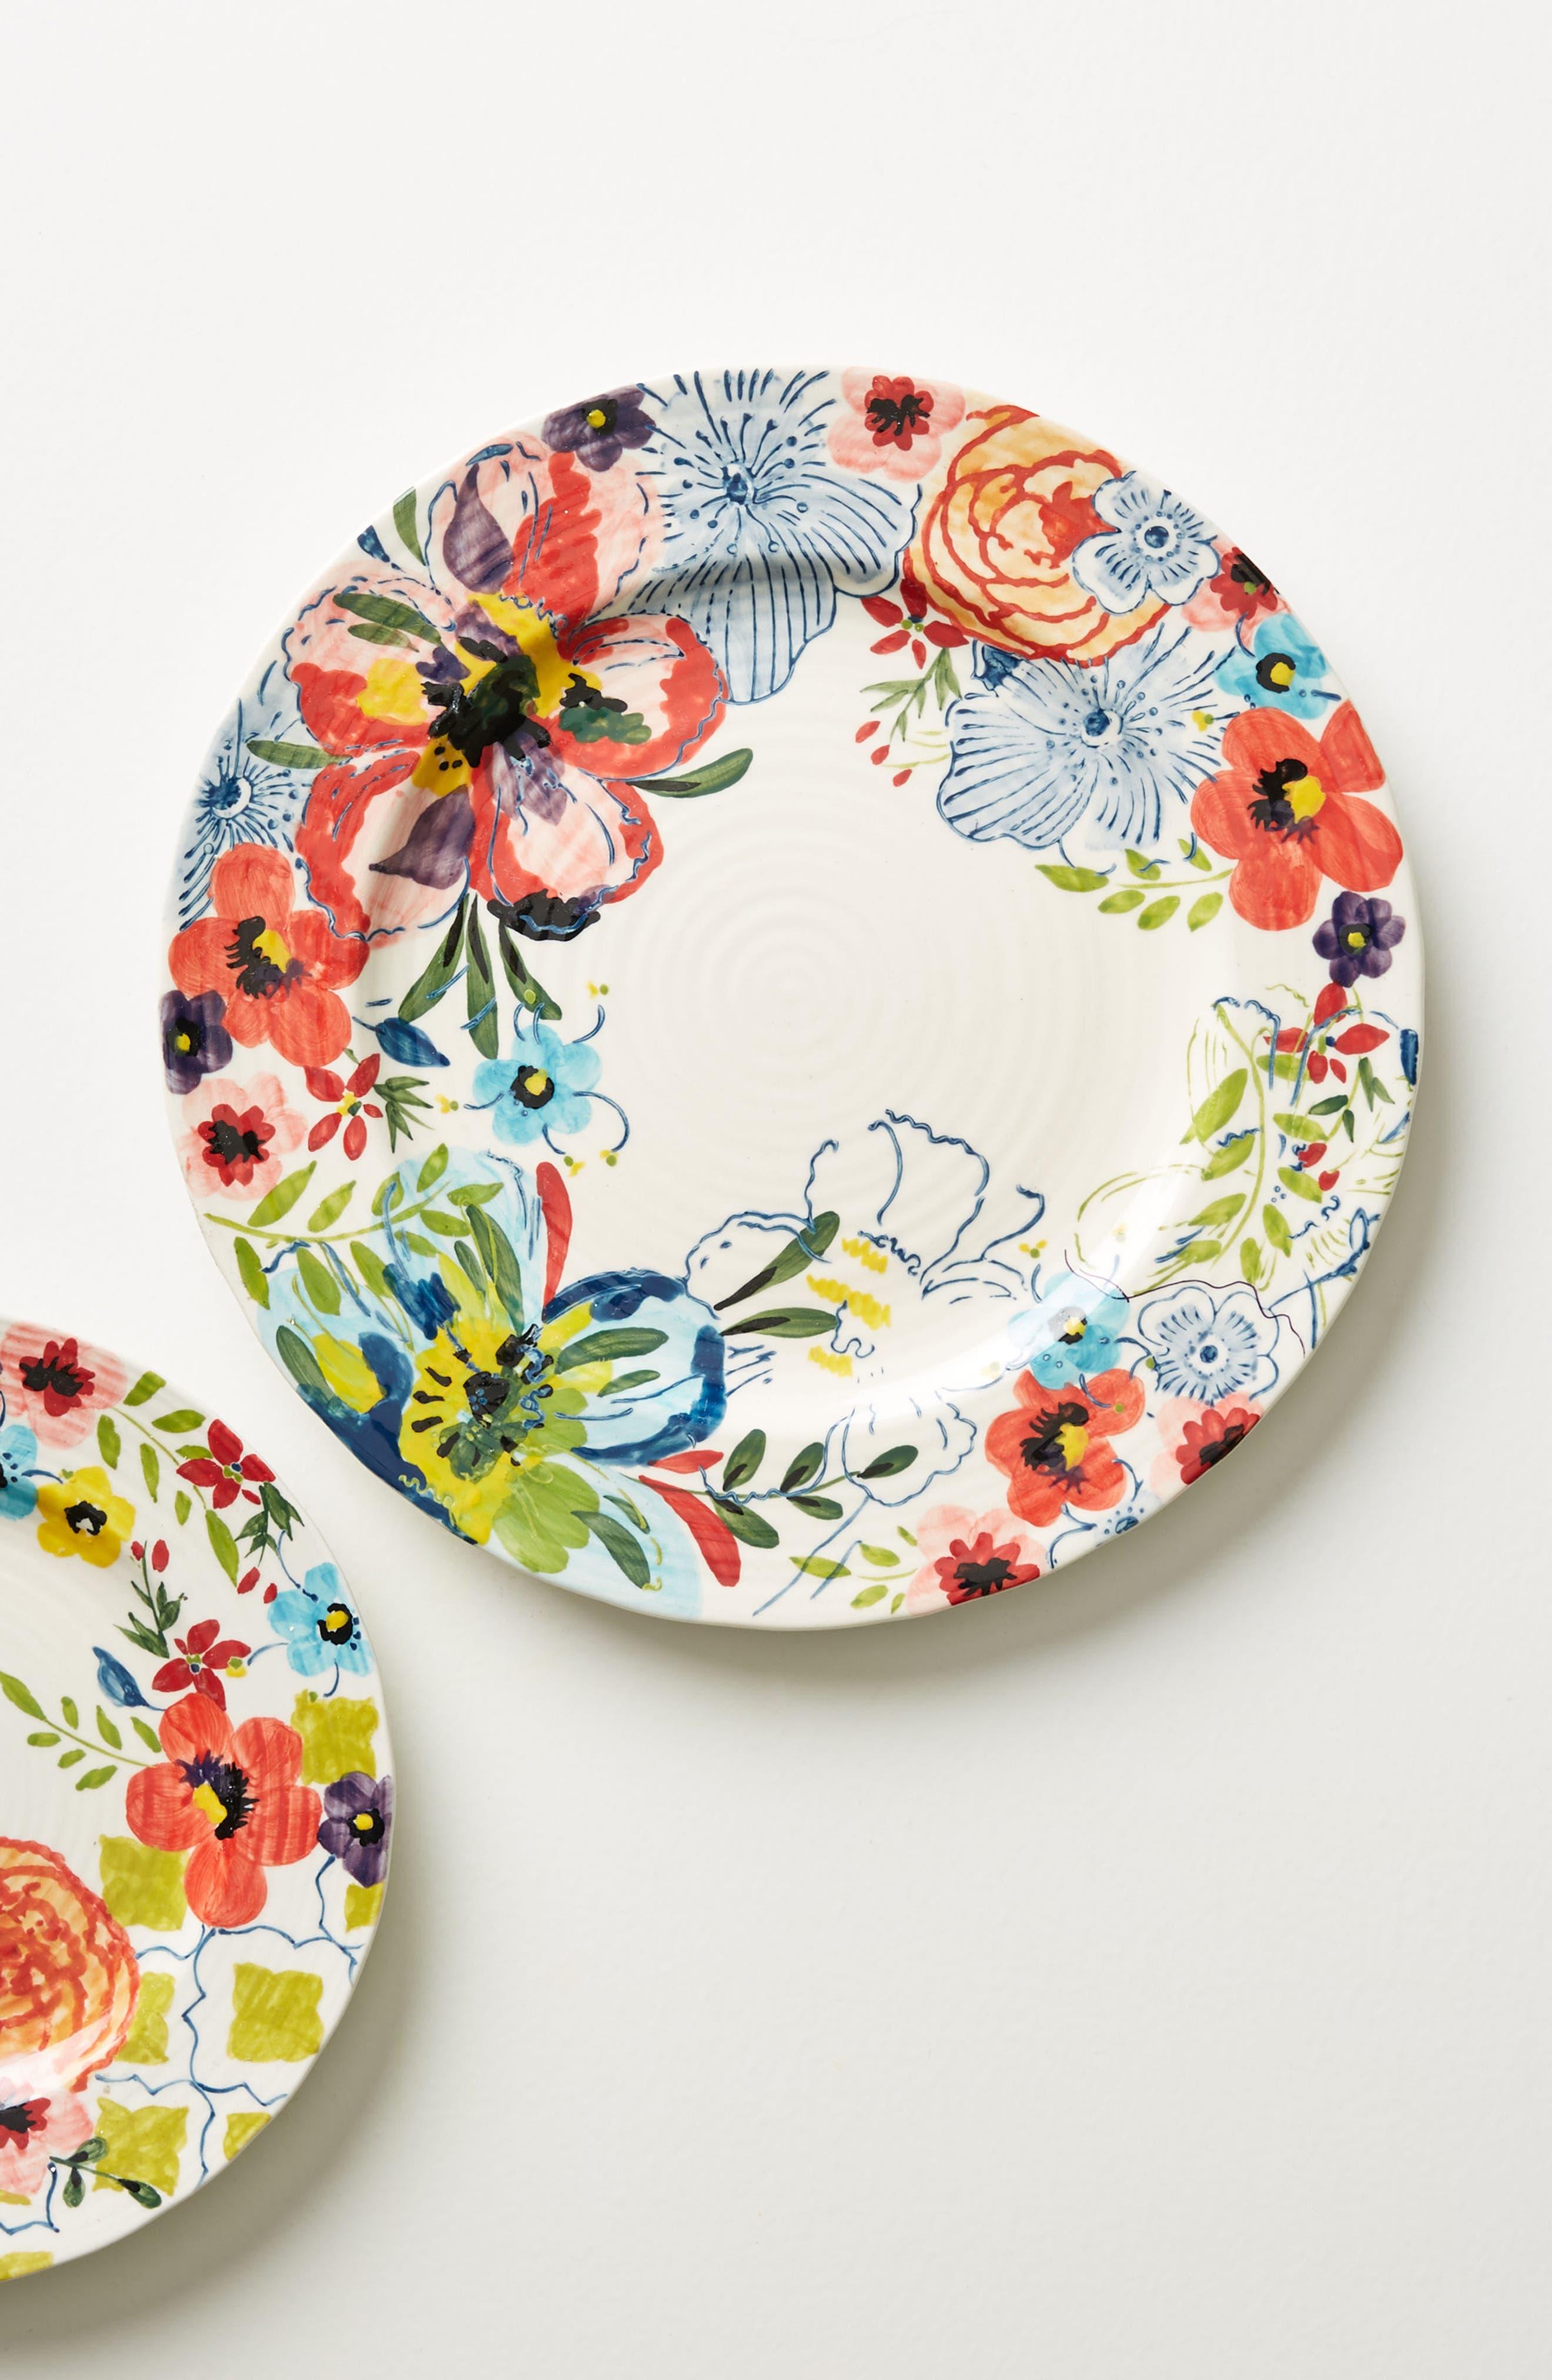 Alternate Image 1 Selected - Anthropologie Sissinghurst Castle Dinner Plate